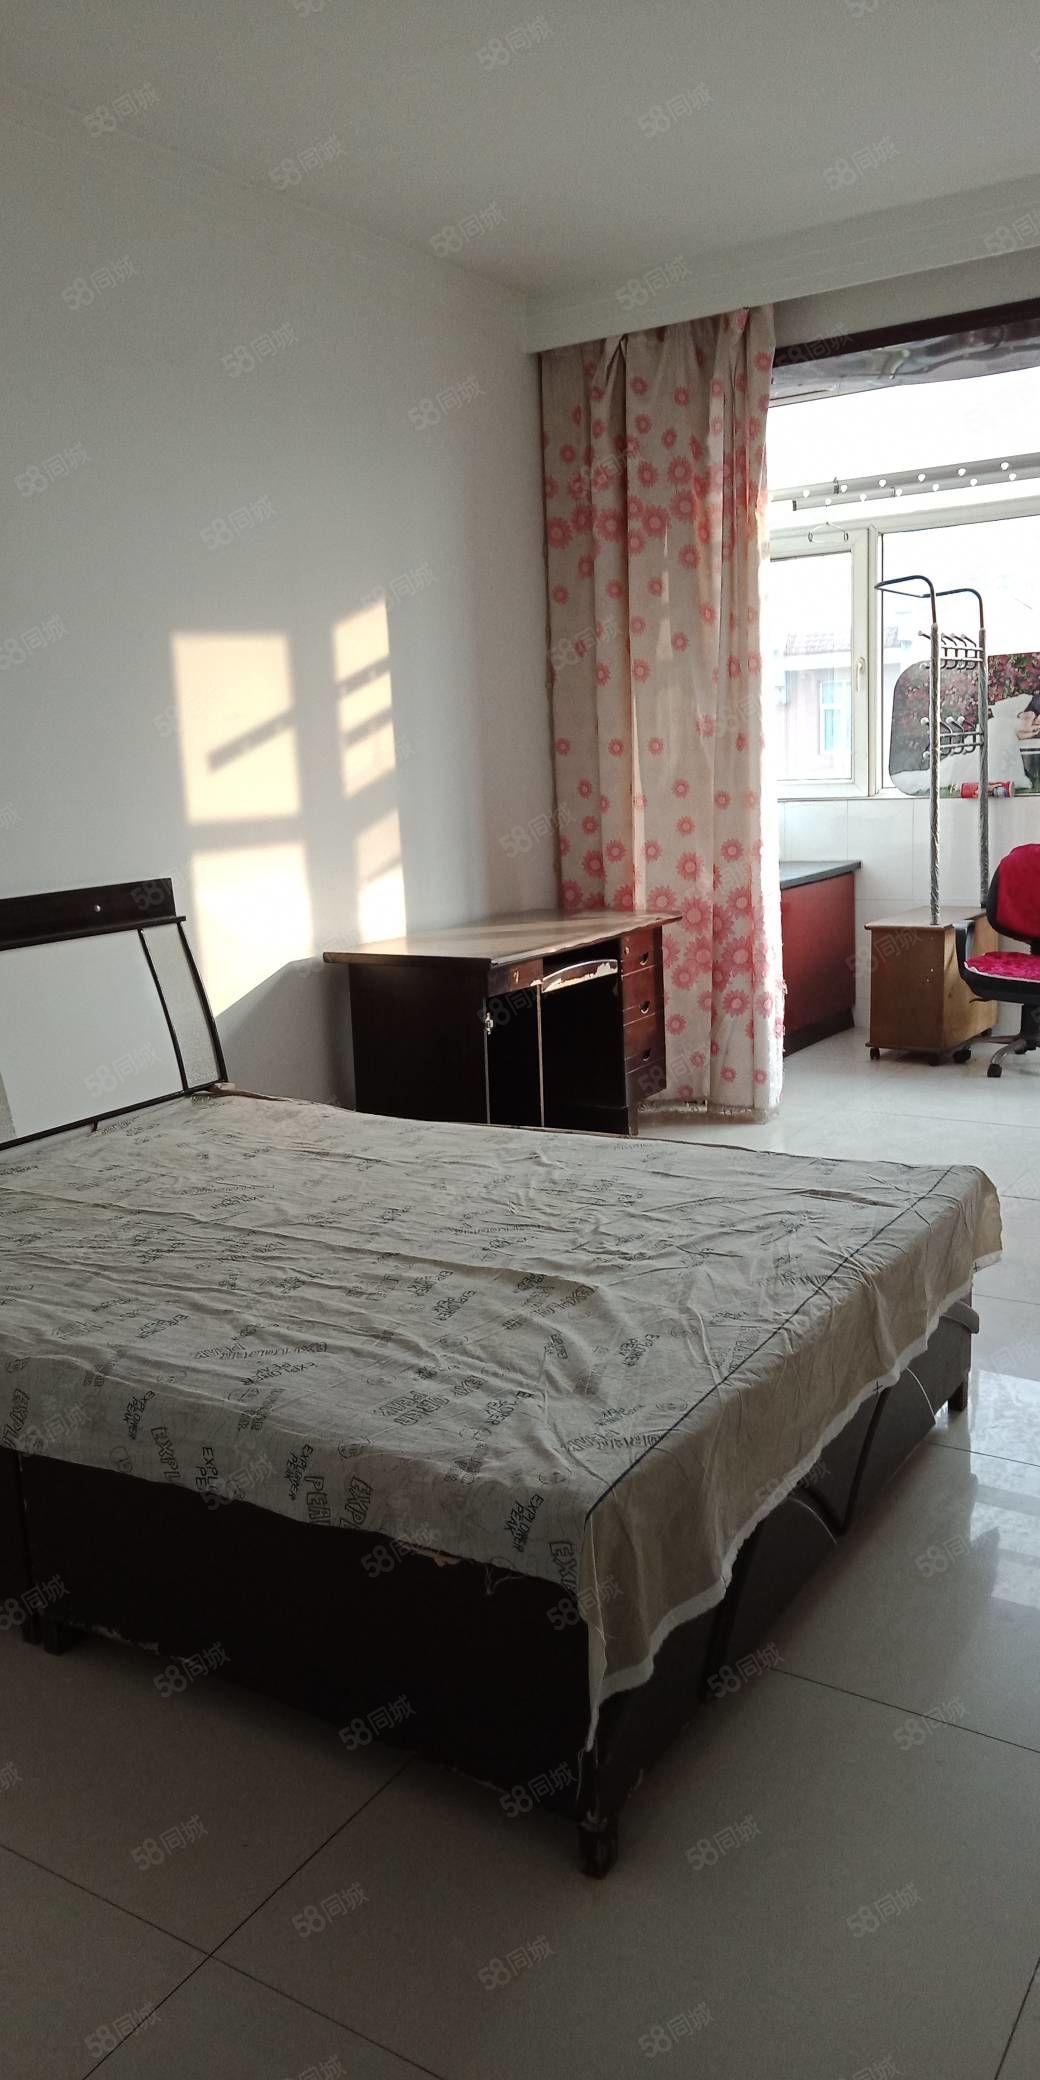 附中附近有好房出租,99平米,一个月1100元,家具家电齐全